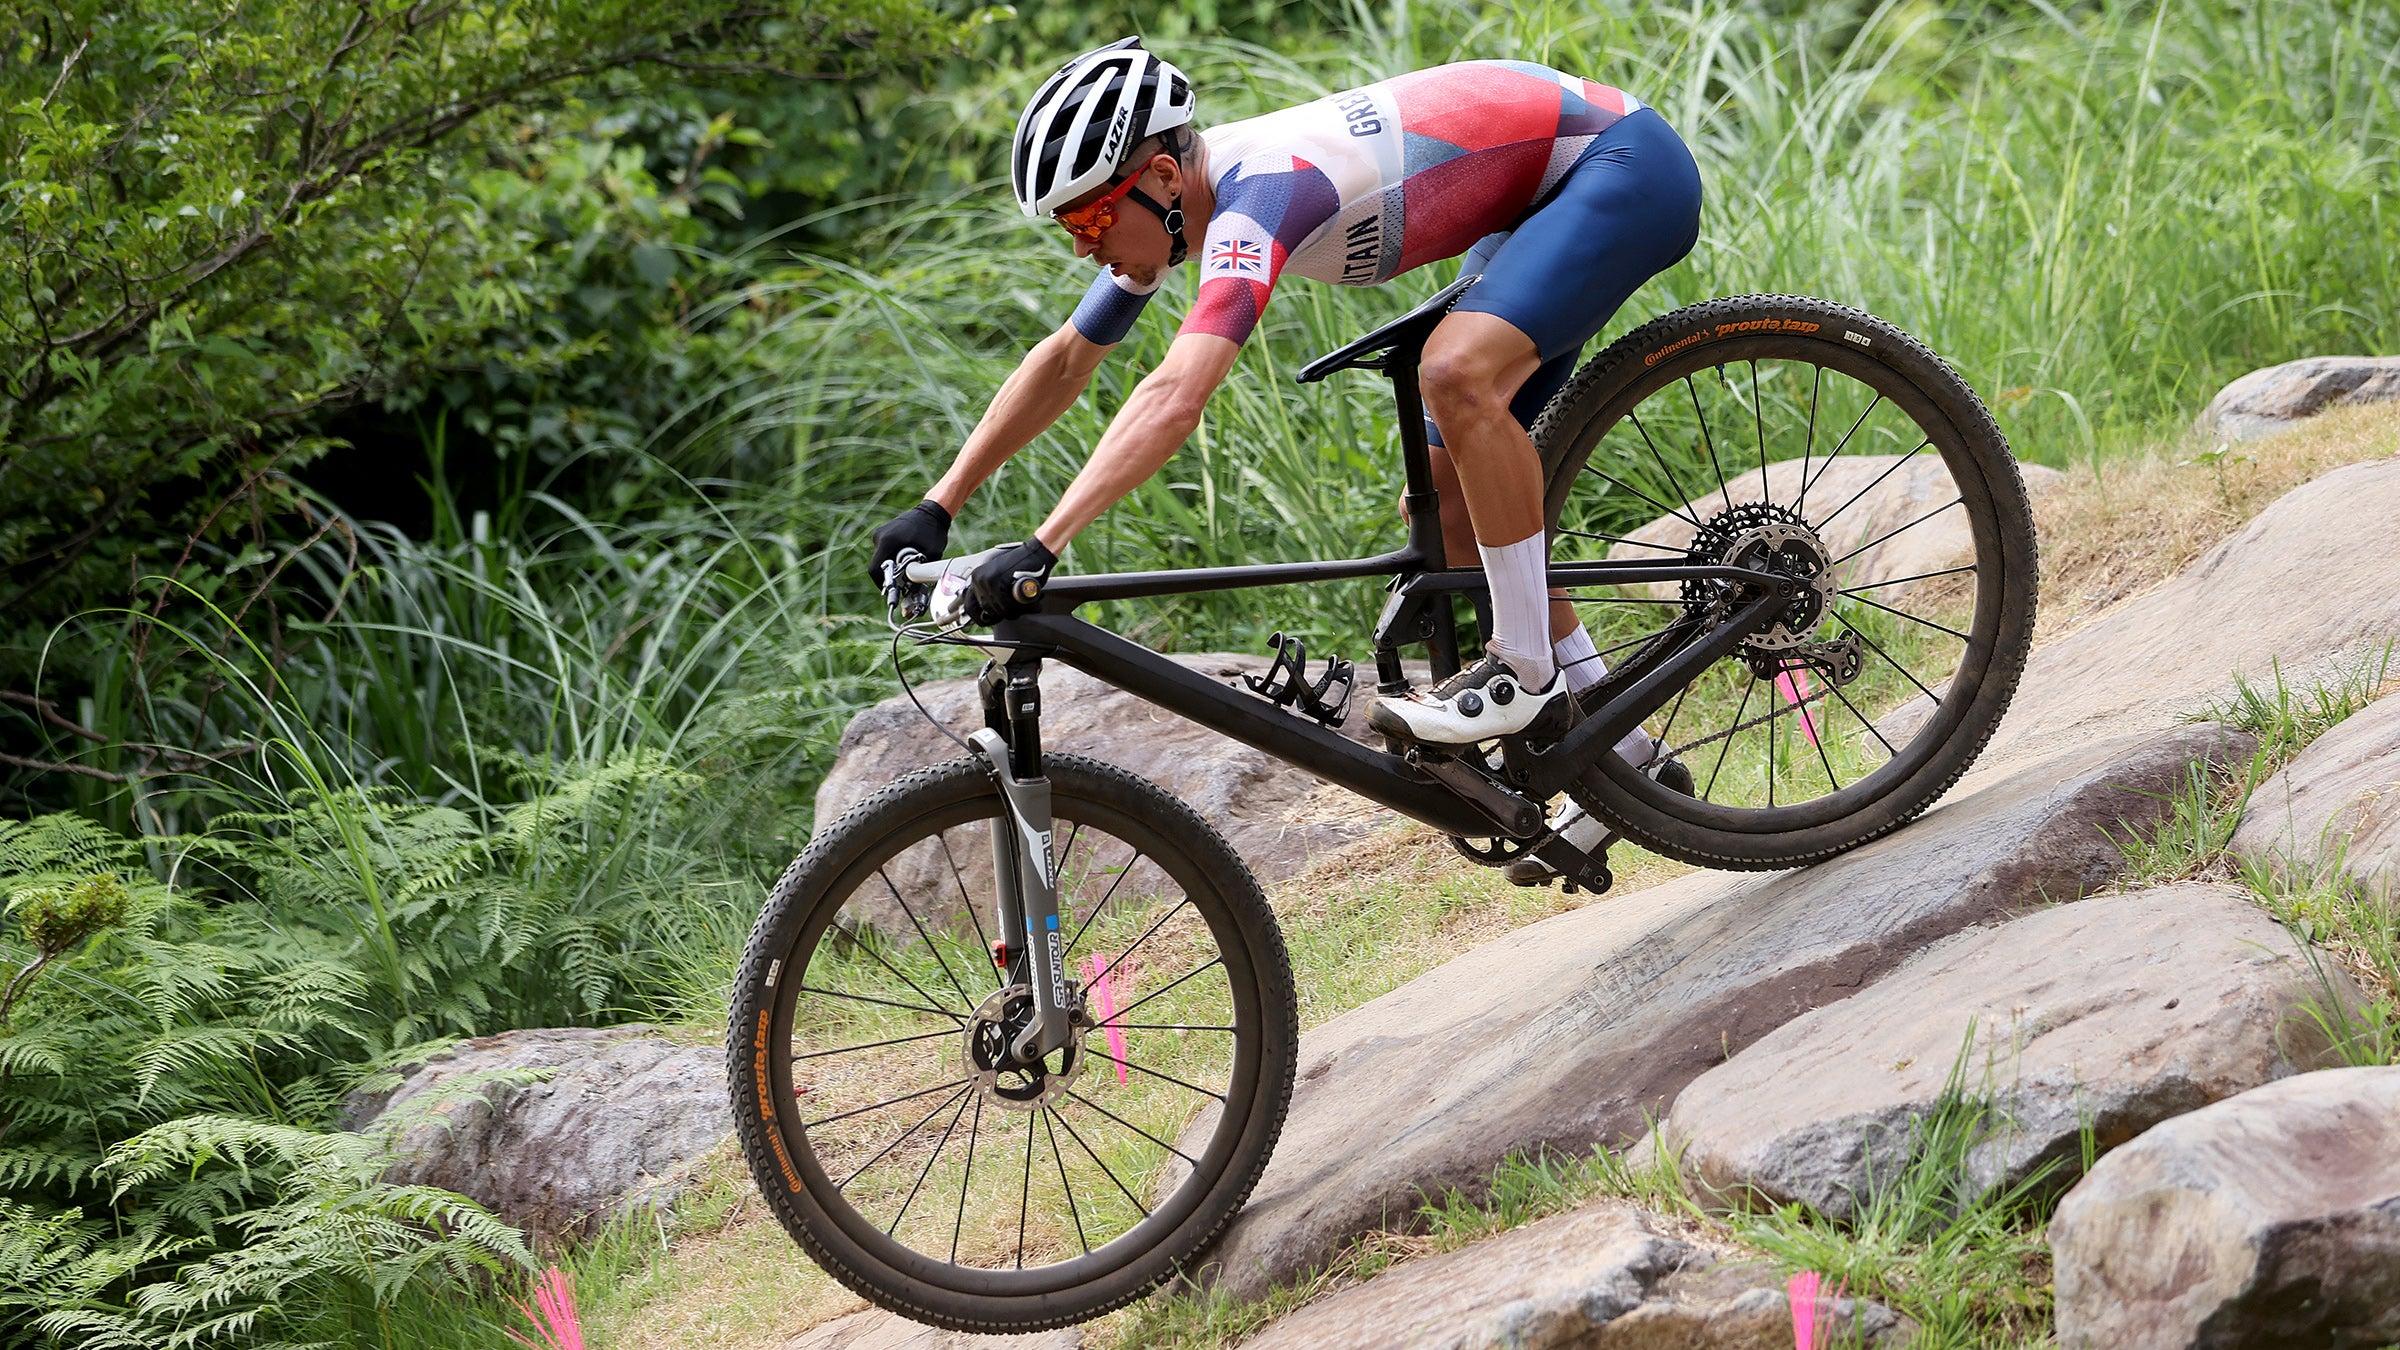 Juegos Olímpicos de 2021: lo que dijeron las estrellas después de que Tom Pidcock consiguiera la medalla de oro en bicicleta de montaña